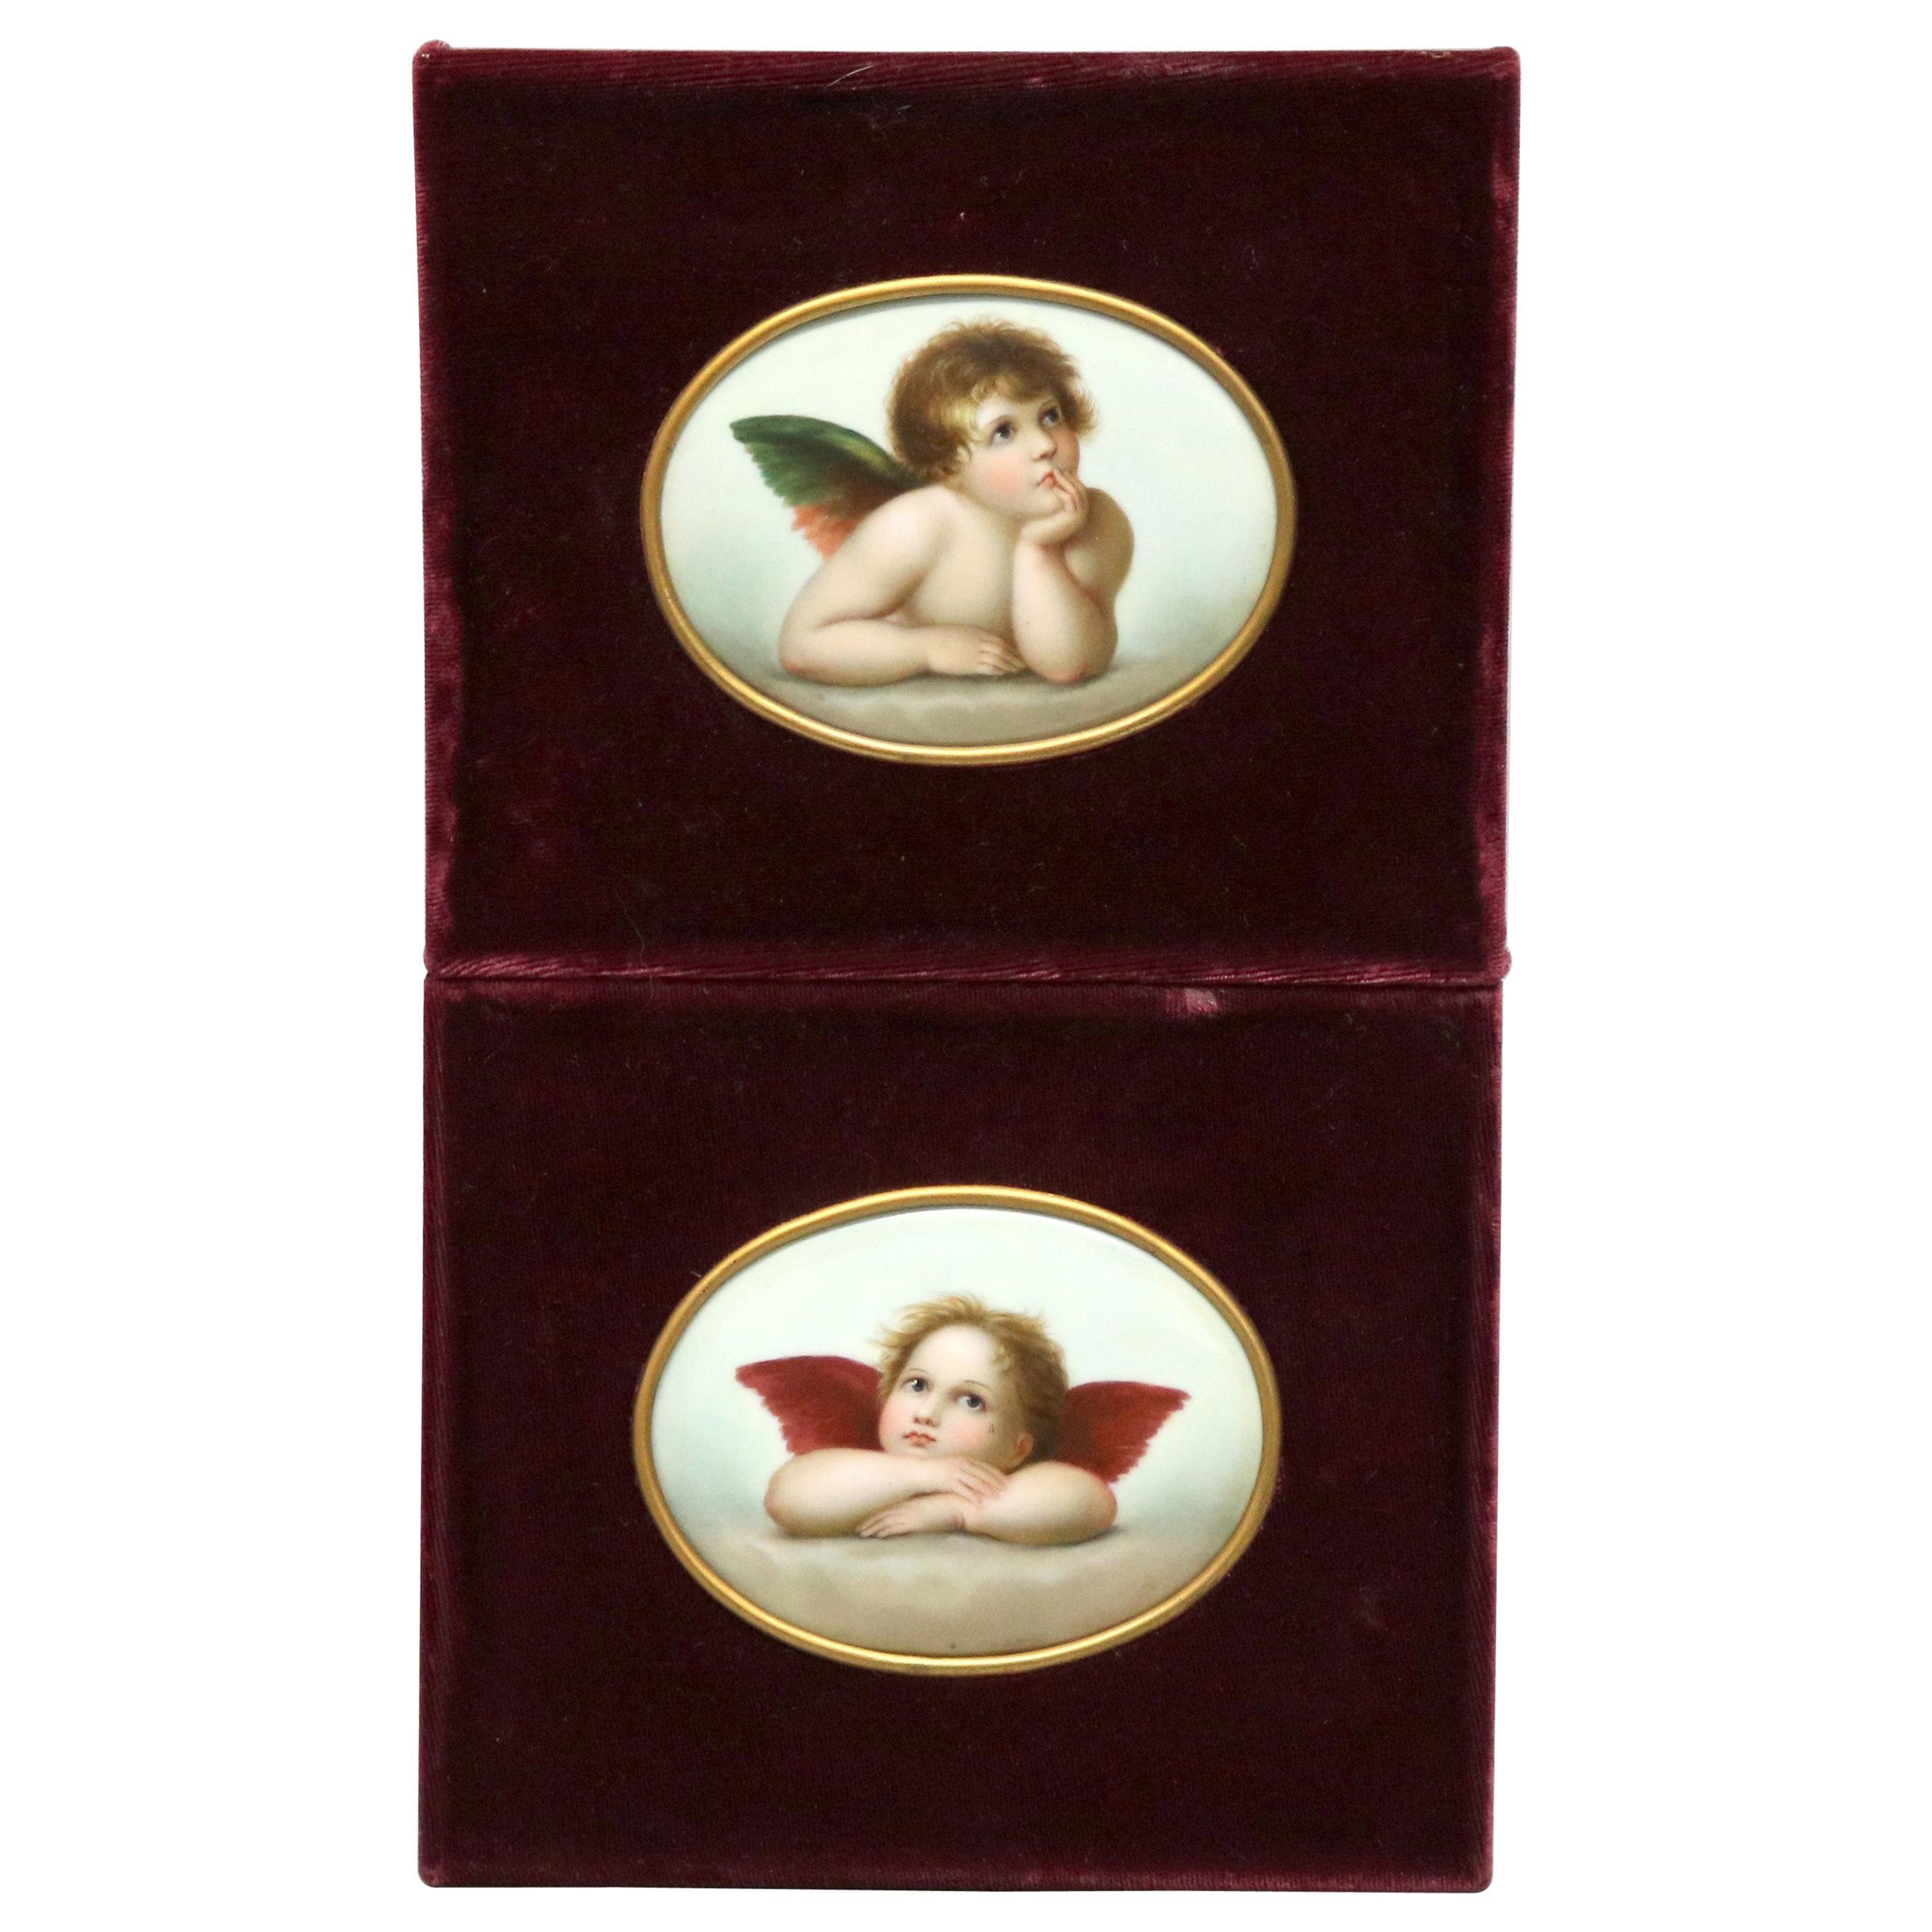 Antique Pair of Paintings on Porcelain of Winged Cherubs in Velvet Frames 19thC